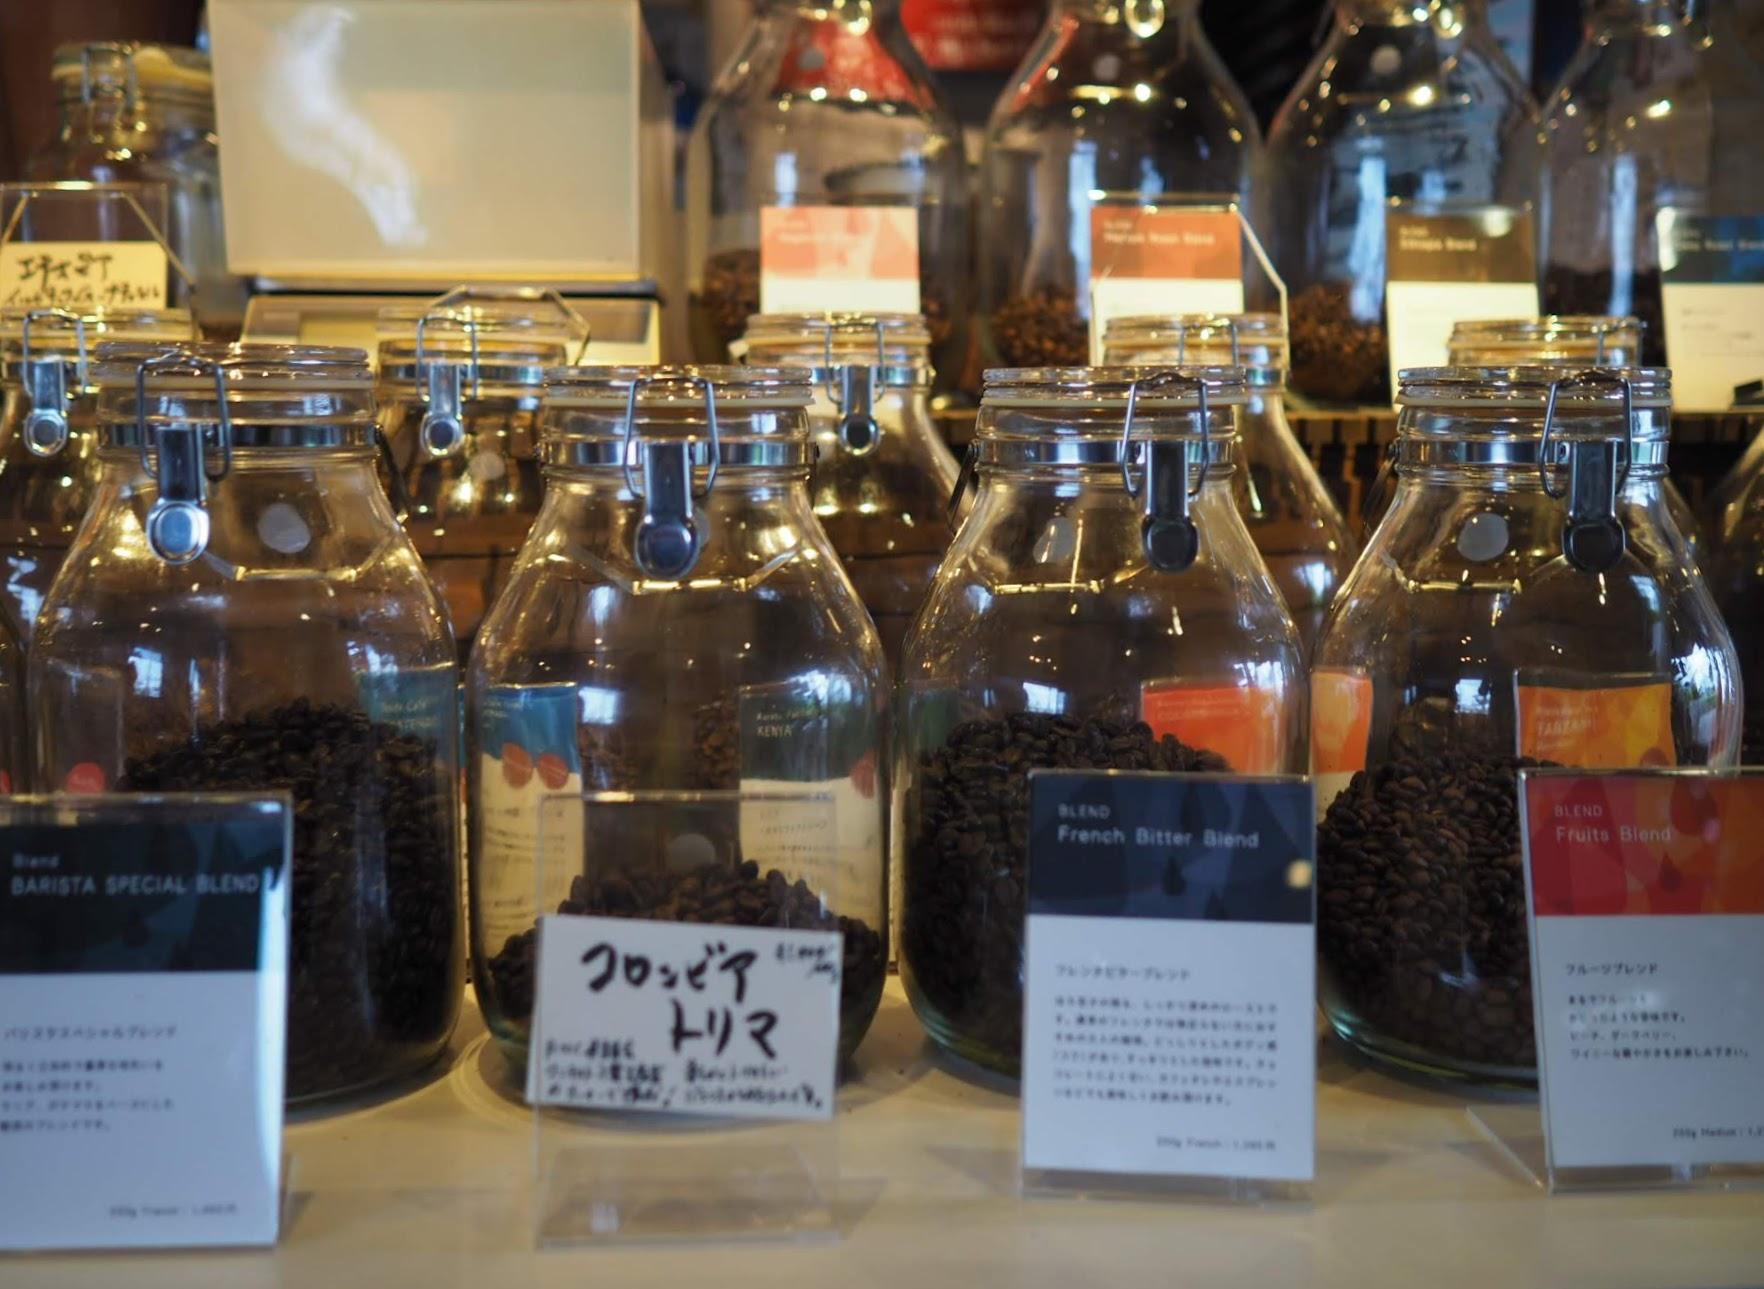 コーヒー豆も購入可能